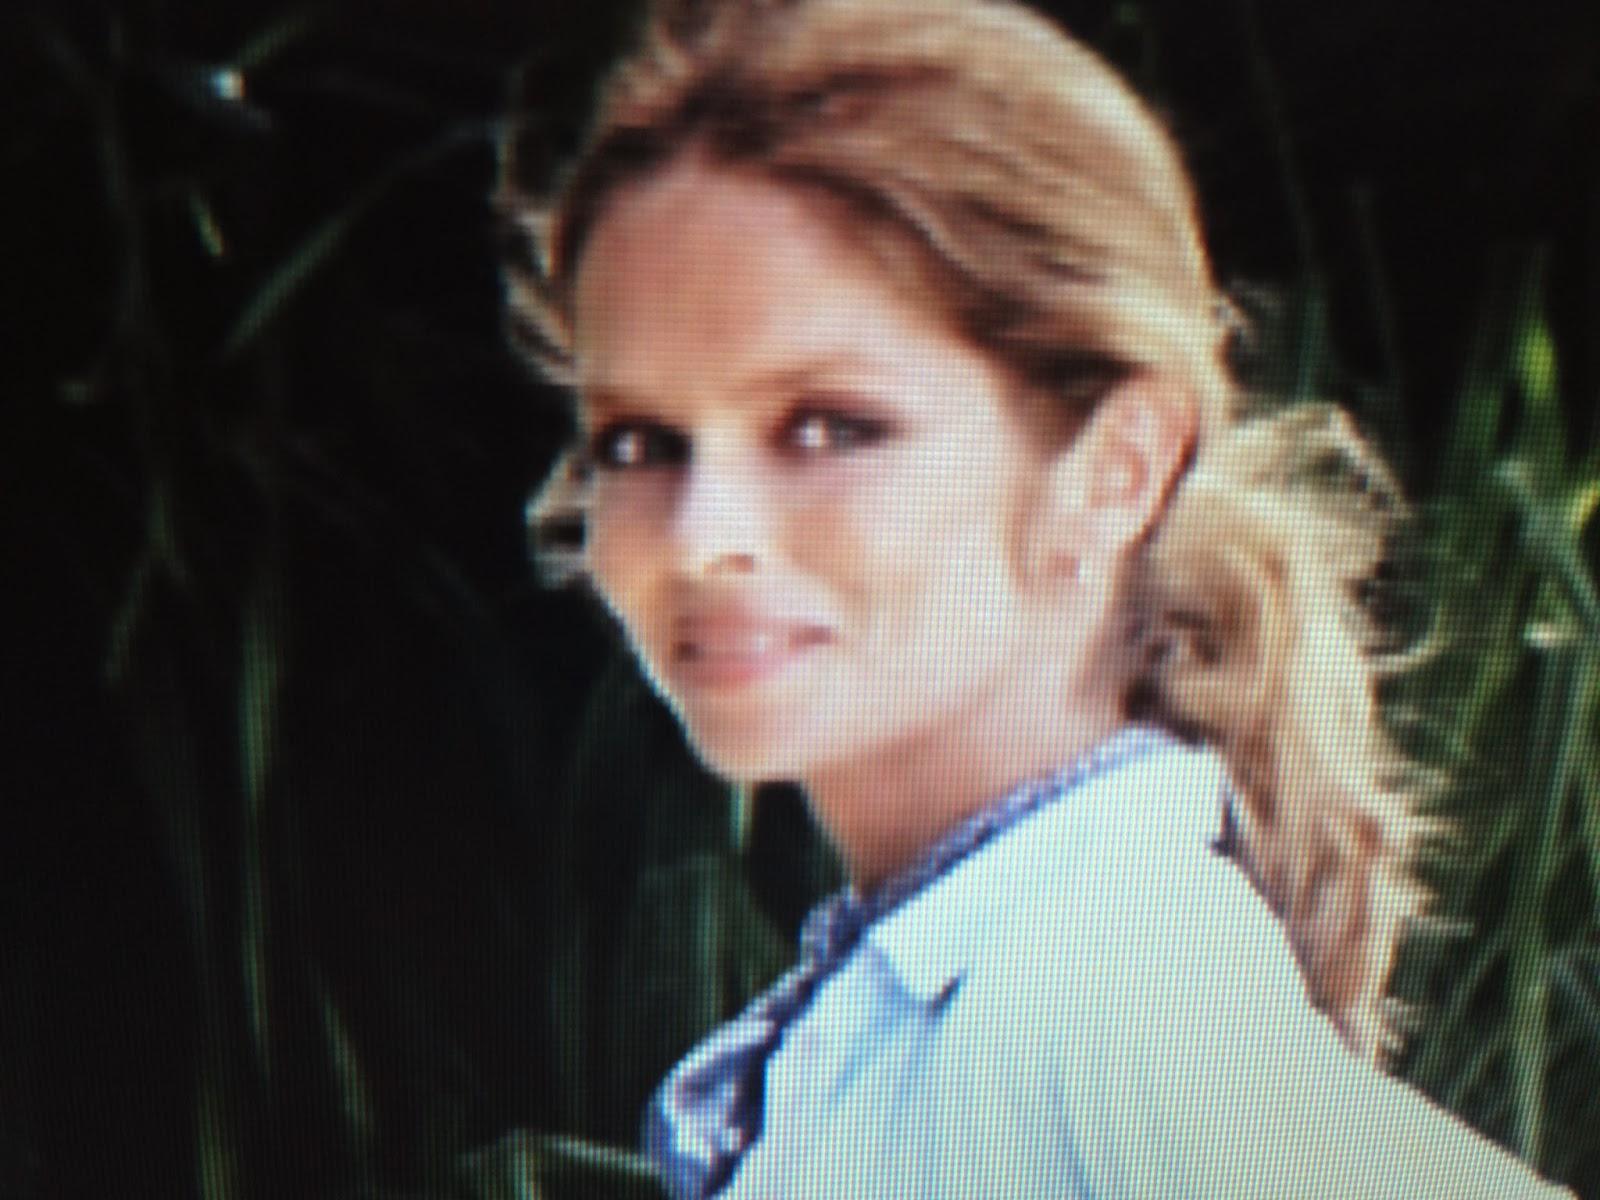 Yolanda Adams,Tessa Thompson Erotic pic Columpa Bobb,Cheska Garcia (b. 1980)